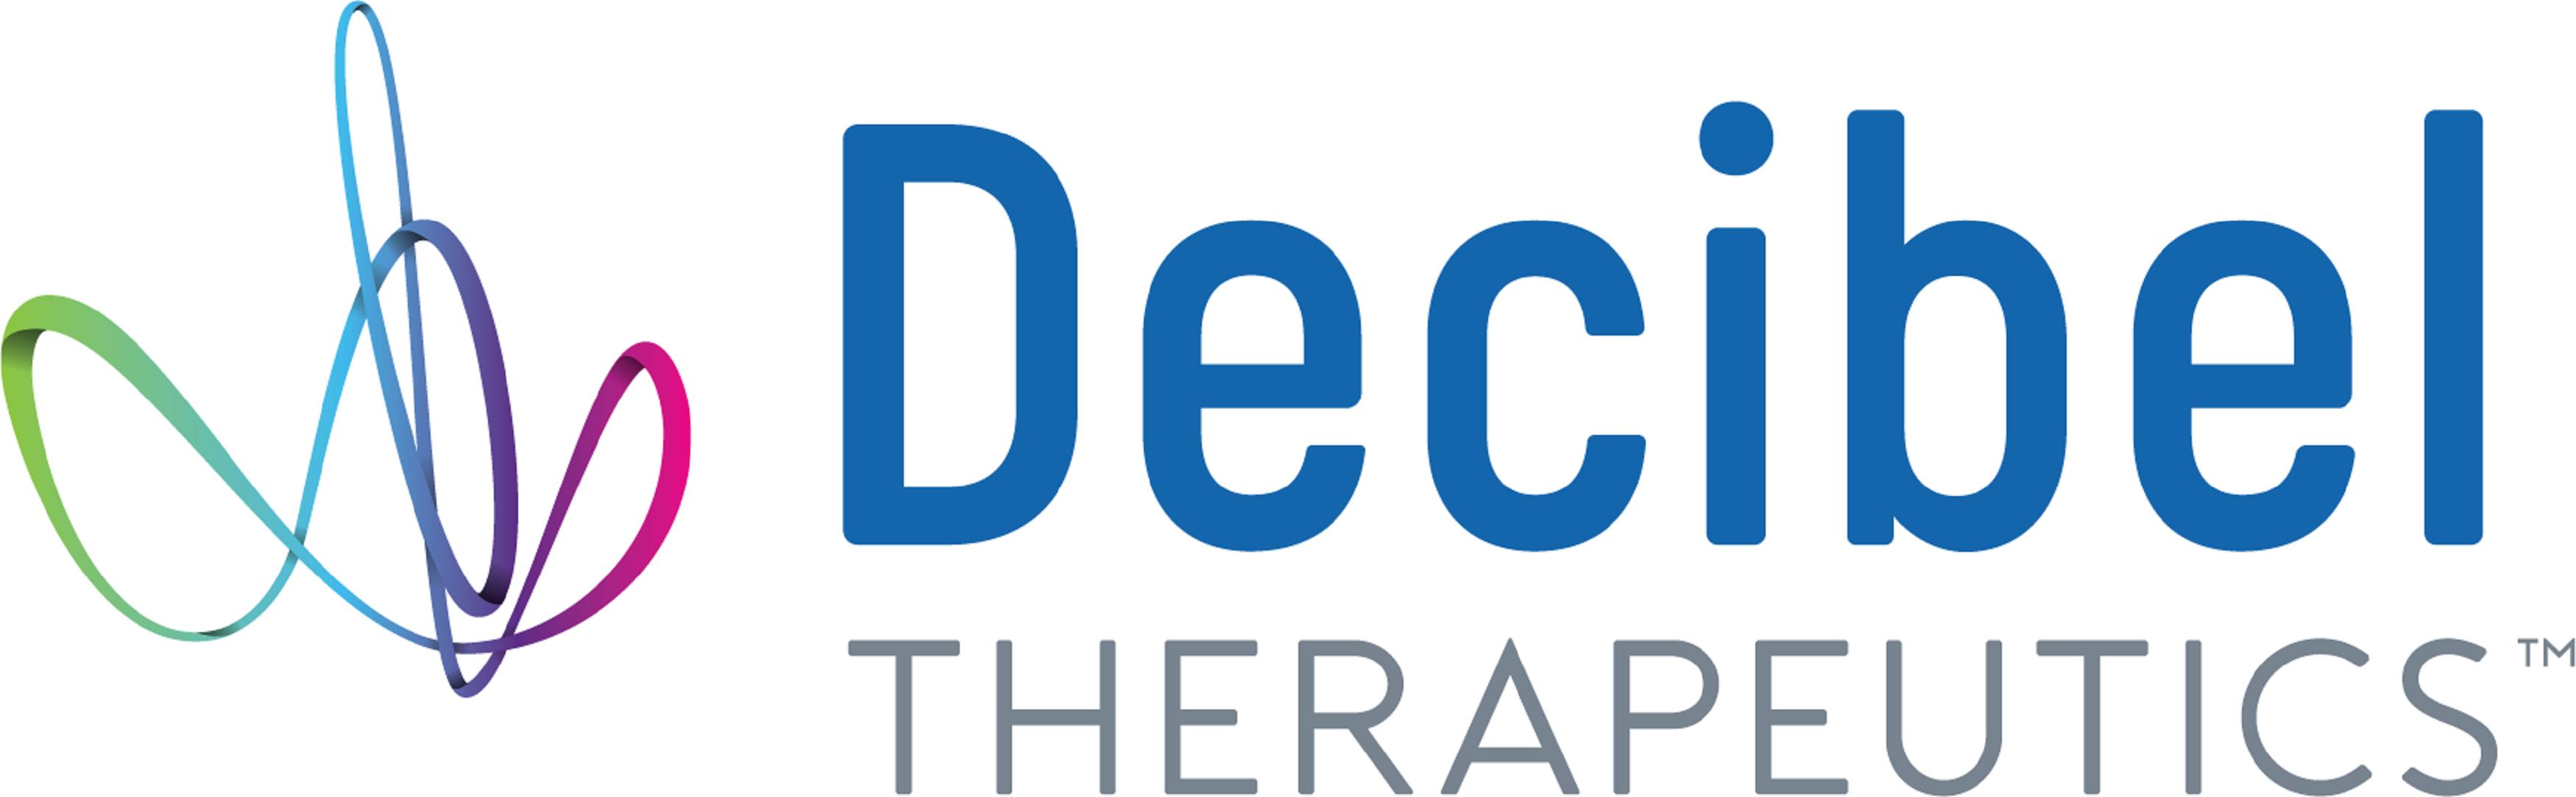 DBTX logo